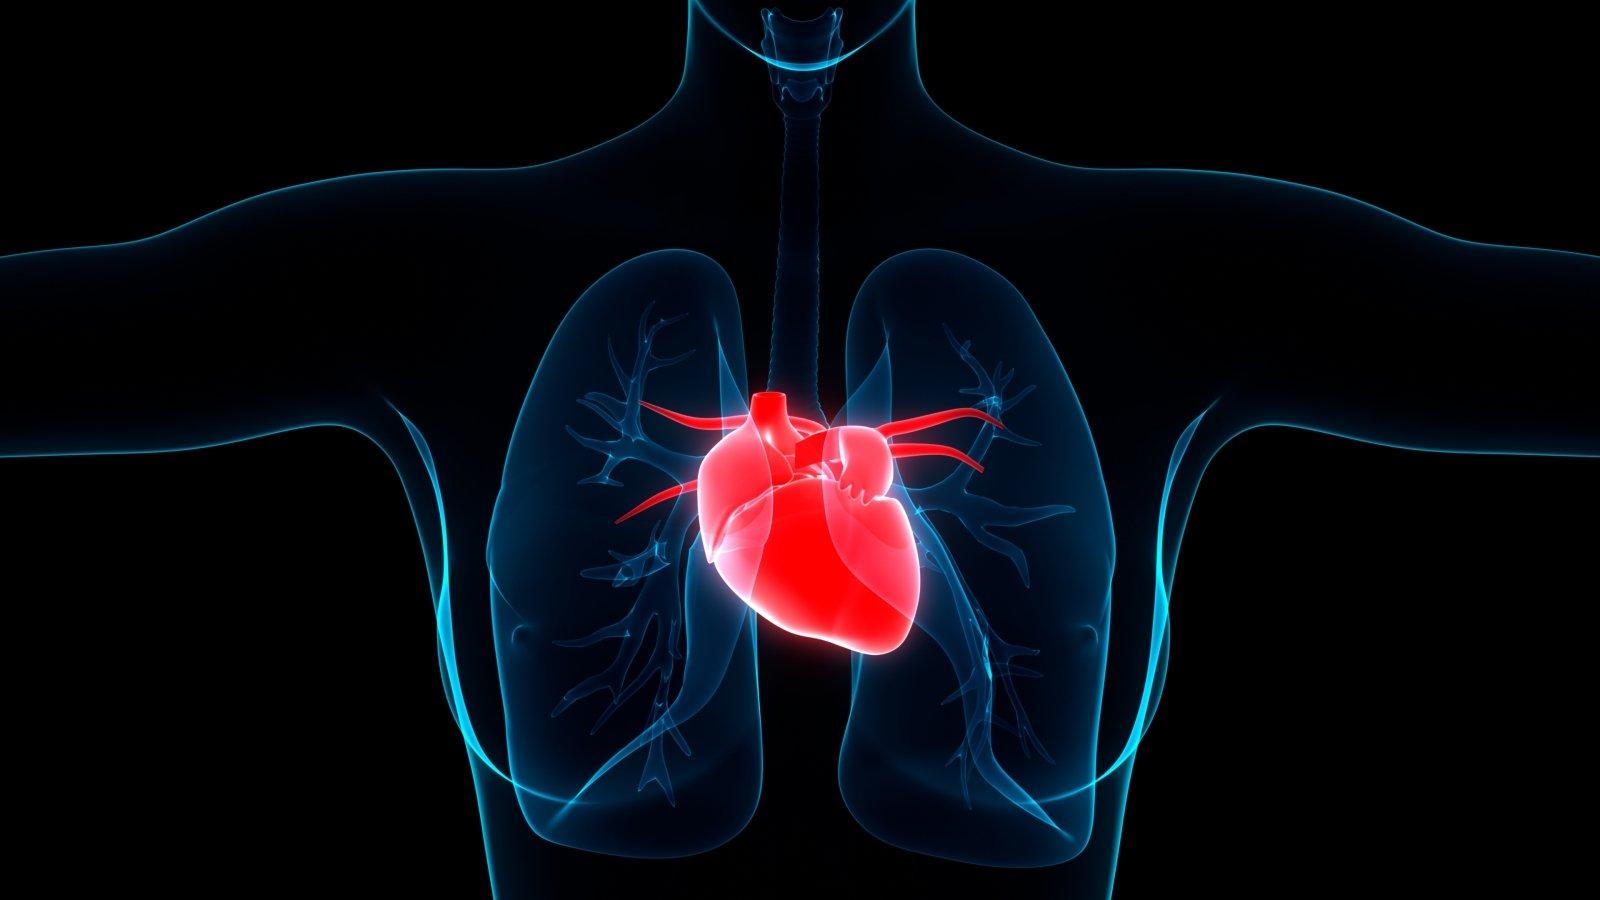 geriausi širdies sveikatos papildai